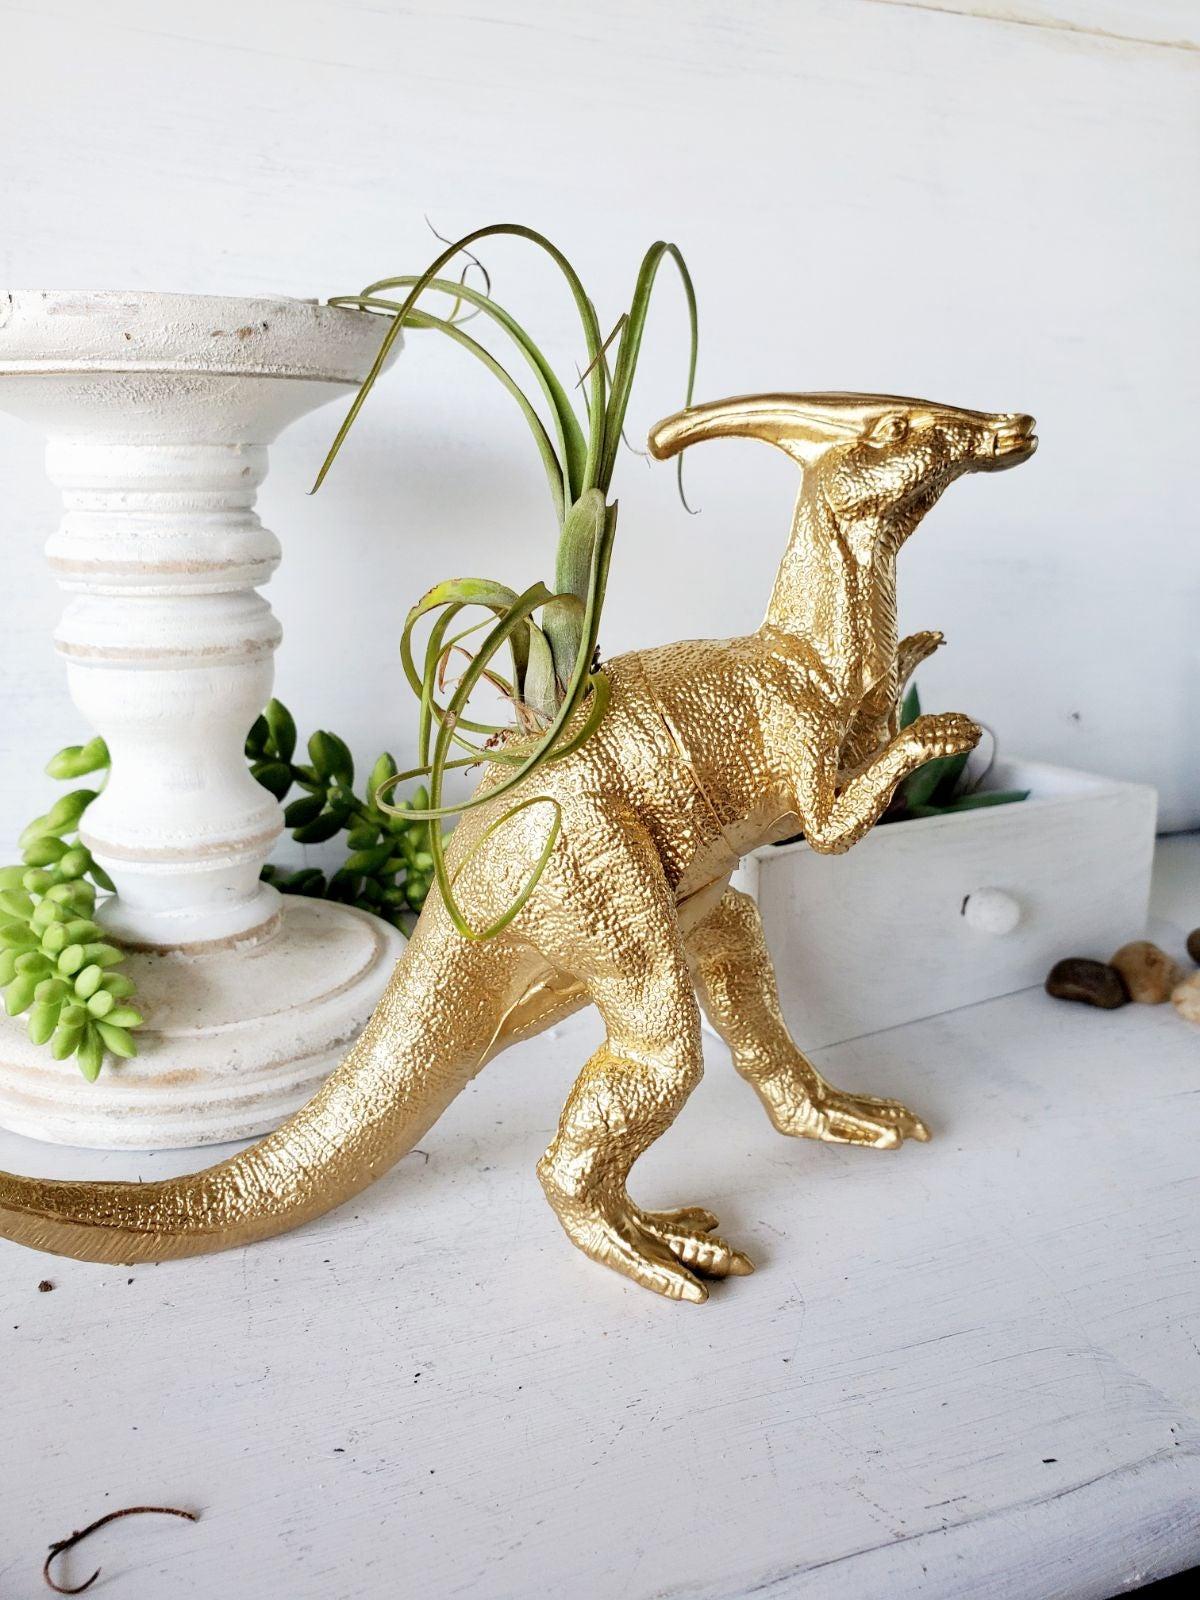 Parasaurolophus Dino Planter & Air Plant